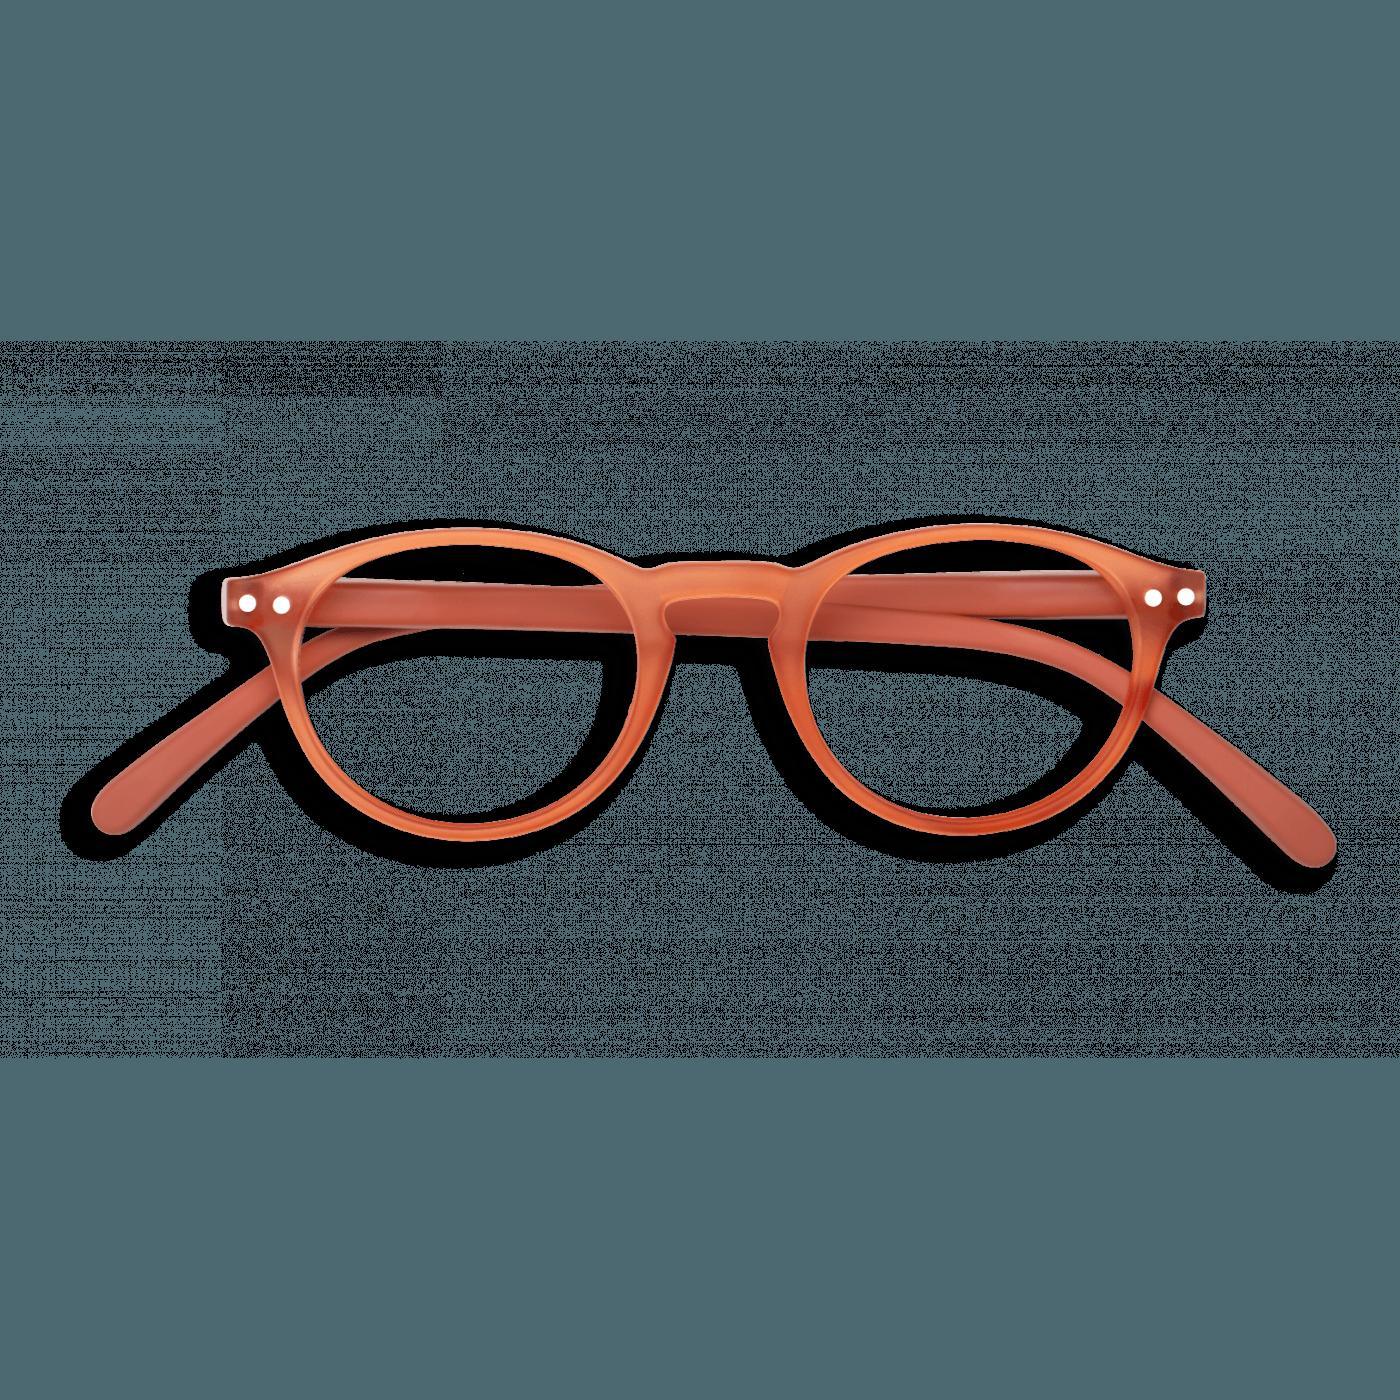 Izipizi #A Reading Glasses (Spectacles) Warm Orange